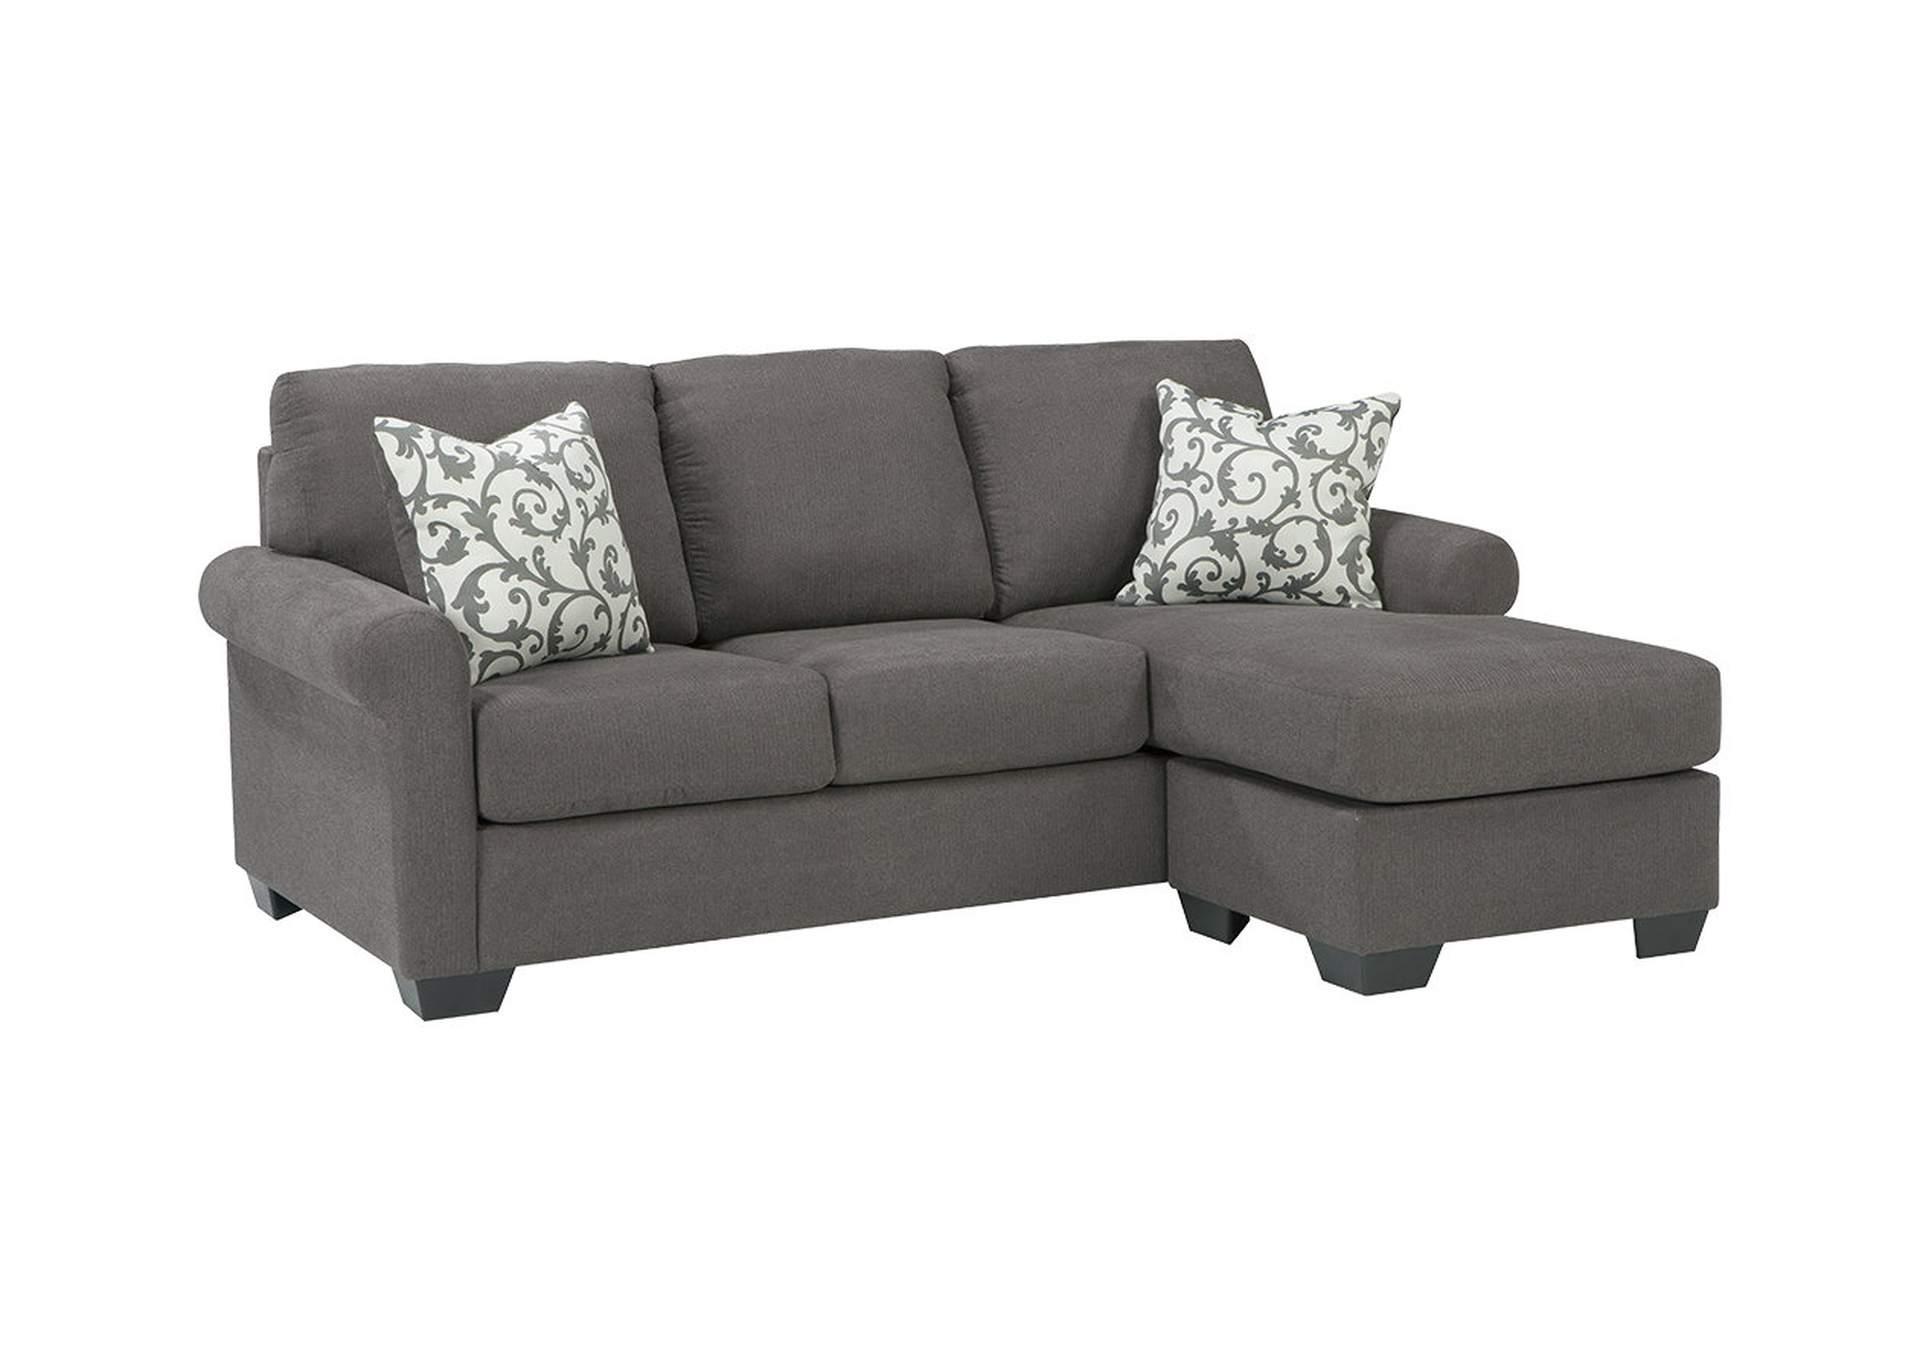 Kexlor Sofa Chaise